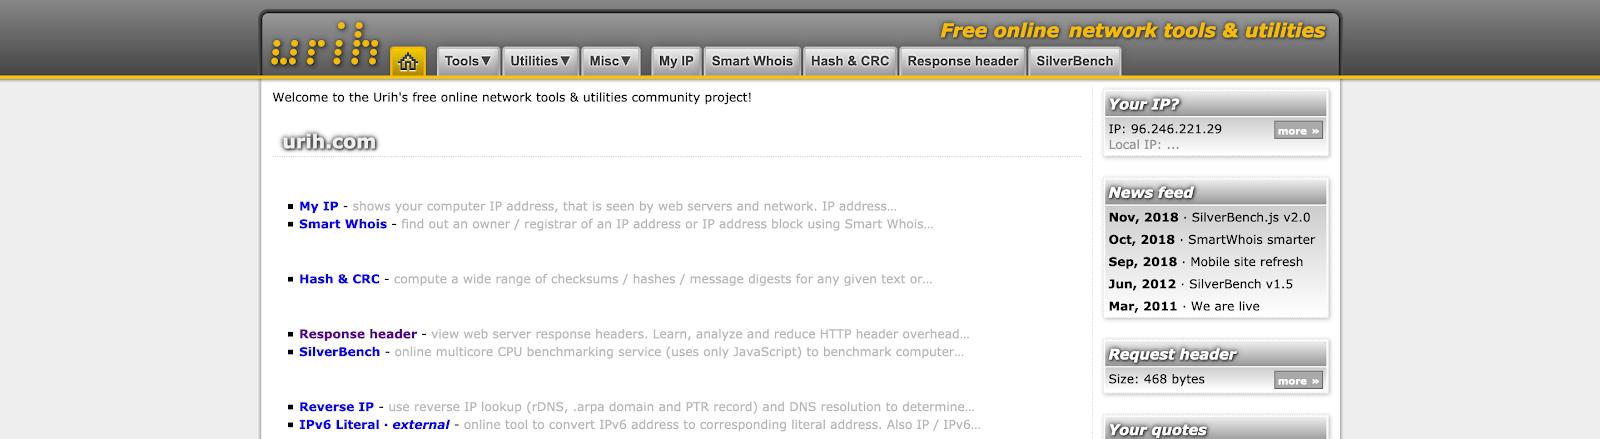 Screenshot of Urih's landing page